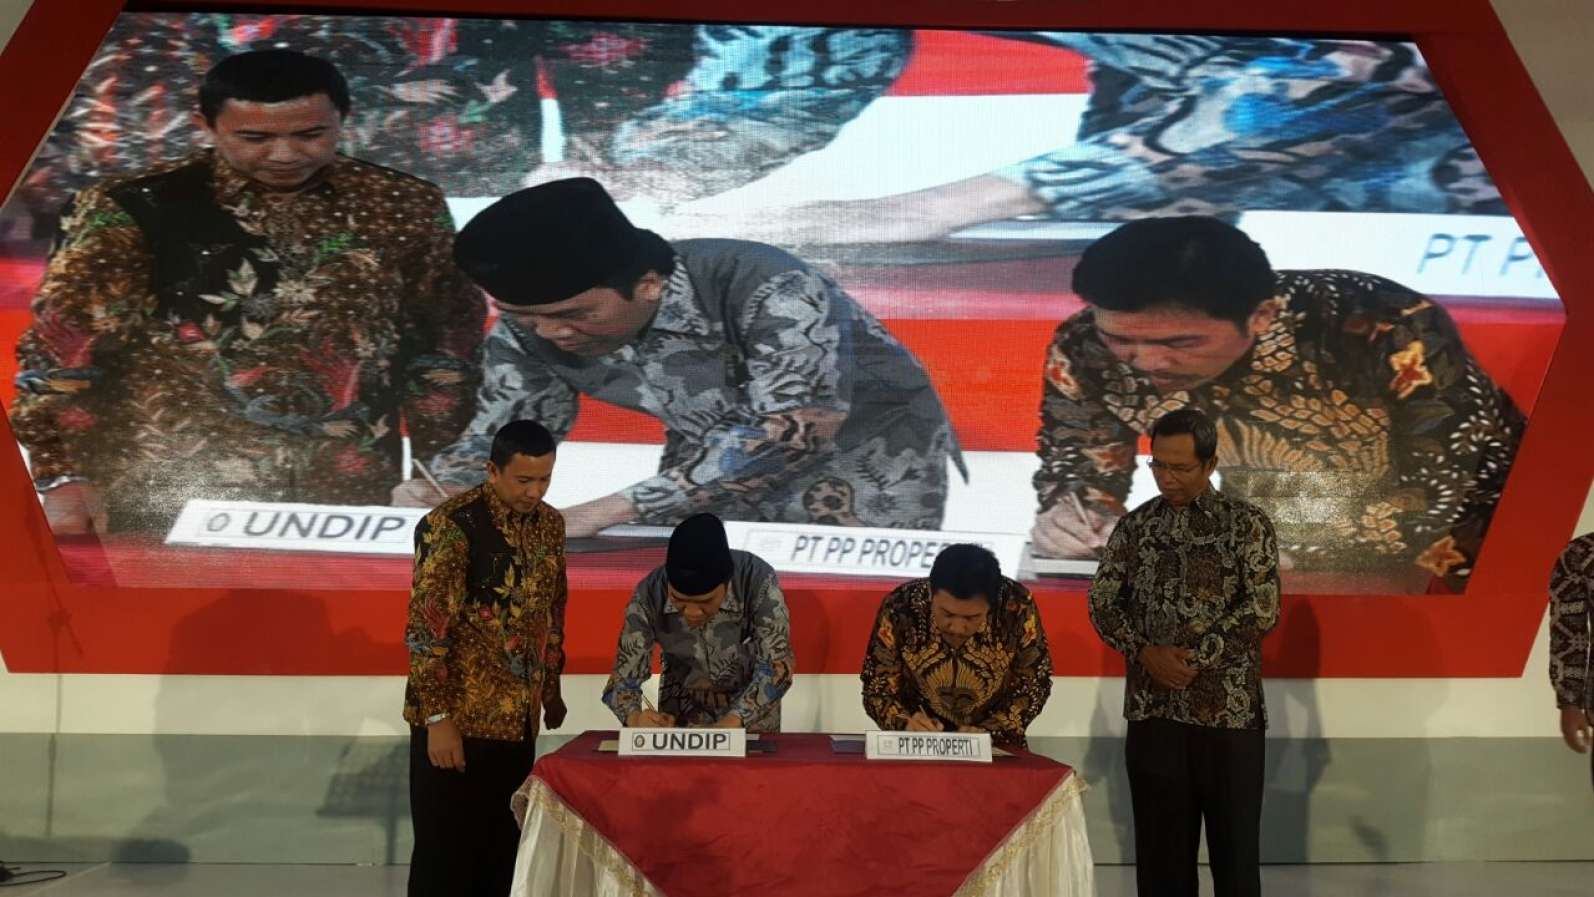 penandatanganan-mou-pt-pp-properti-tbk-dan-universitas-diponegoro